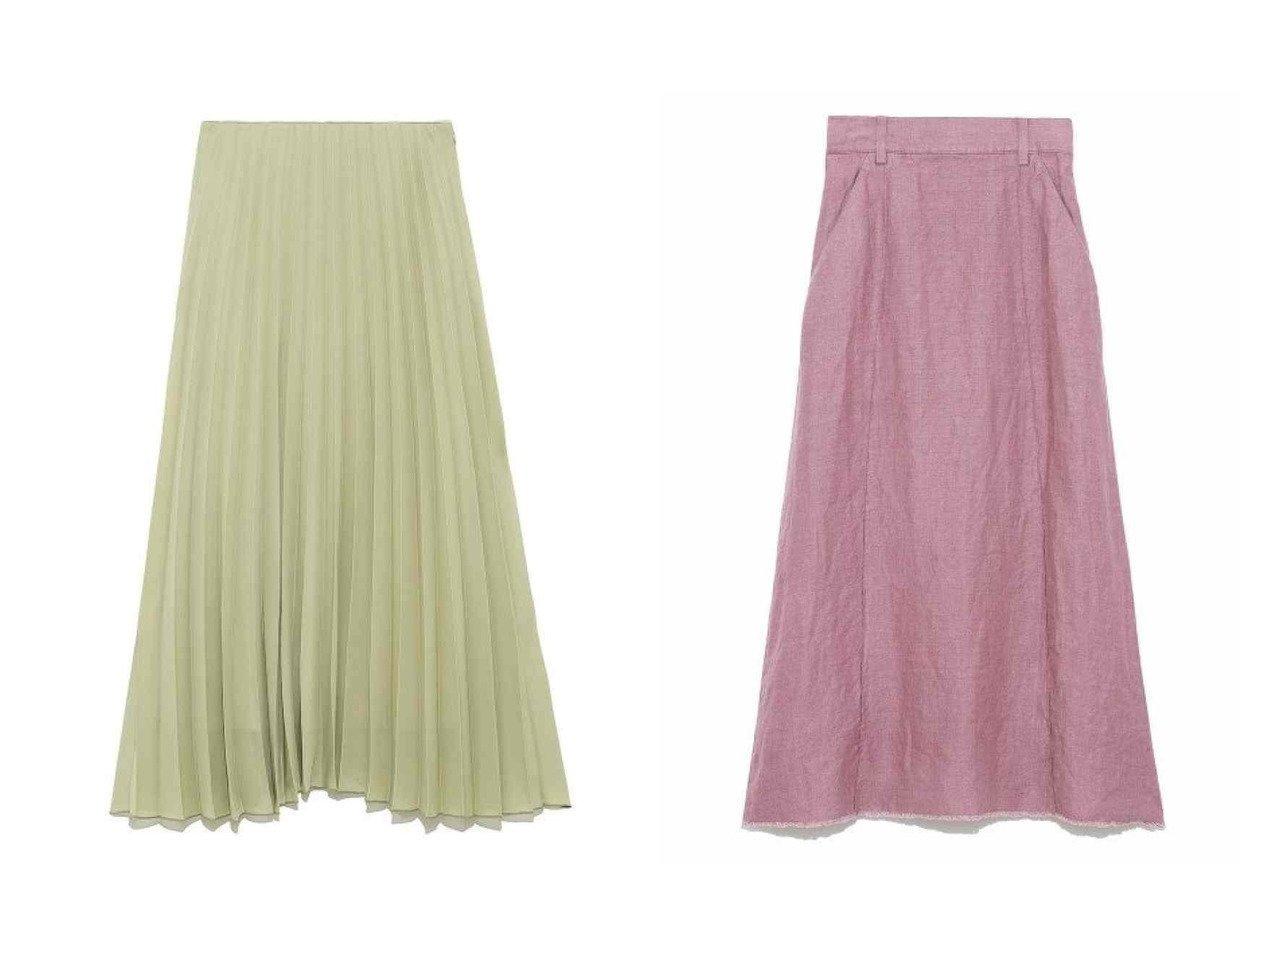 【Mila Owen/ミラオーウェン】のセンターコバリネンロングスカート&ウエストコード太幅プリーツスカート スカートのおすすめ!人気、トレンド・レディースファッションの通販 おすすめで人気の流行・トレンド、ファッションの通販商品 メンズファッション・キッズファッション・インテリア・家具・レディースファッション・服の通販 founy(ファニー) https://founy.com/ ファッション Fashion レディースファッション WOMEN スカート Skirt プリーツスカート Pleated Skirts ロングスカート Long Skirt NEW・新作・新着・新入荷 New Arrivals プリーツ リラックス ロング 今季 再入荷 Restock/Back in Stock/Re Arrival 定番 Standard 春 Spring センター フレア リネン ヴィンテージ |ID:crp329100000012897